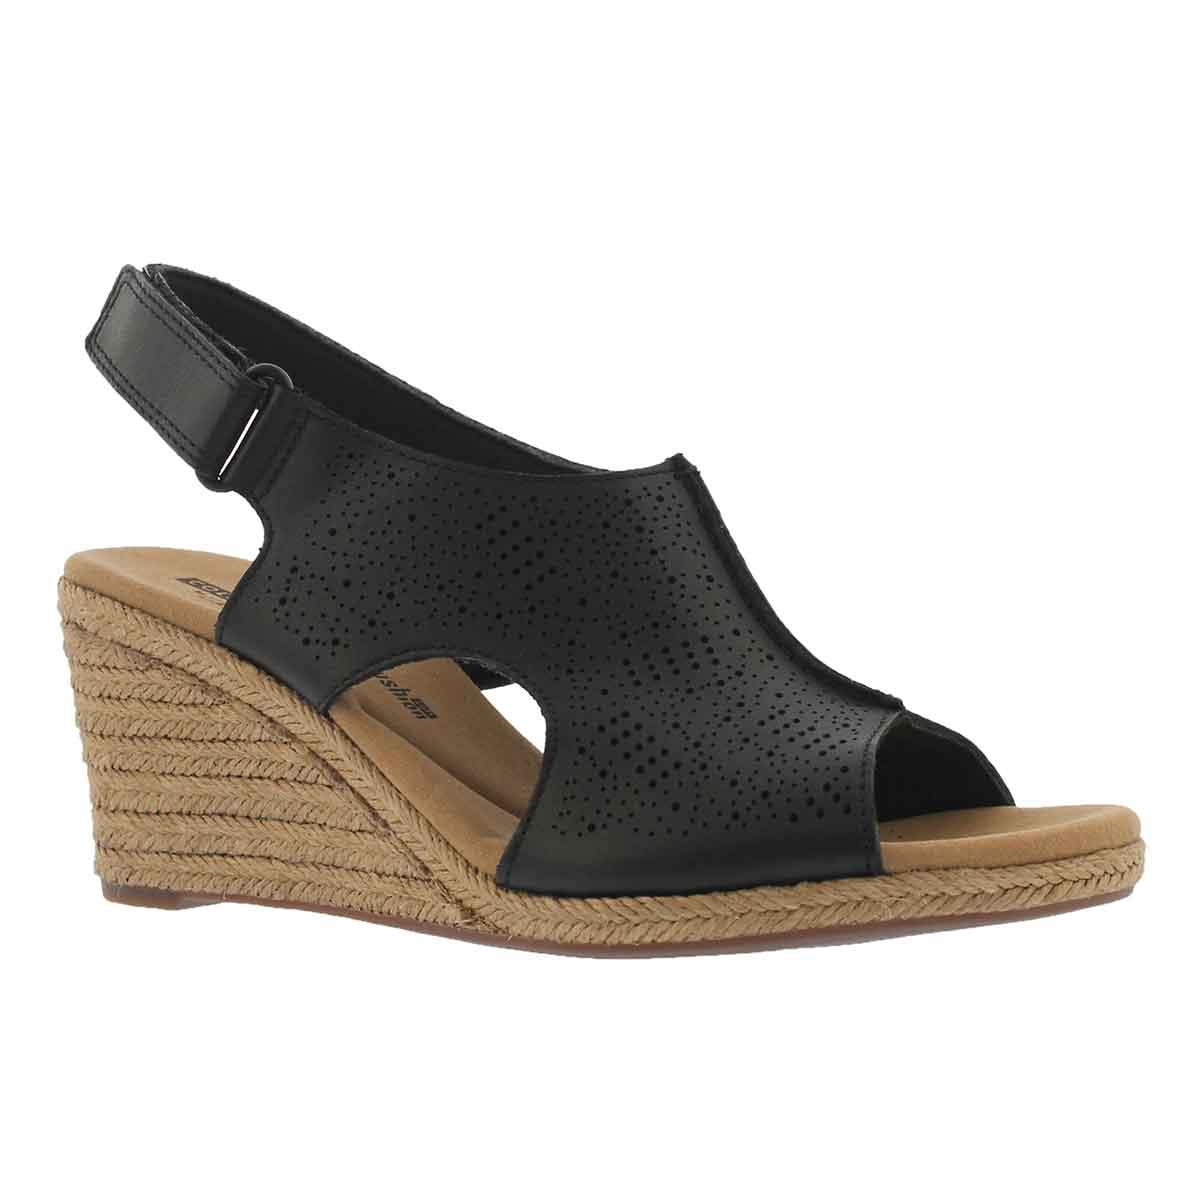 Womens LAFLEY ROSEN black wedge sandal